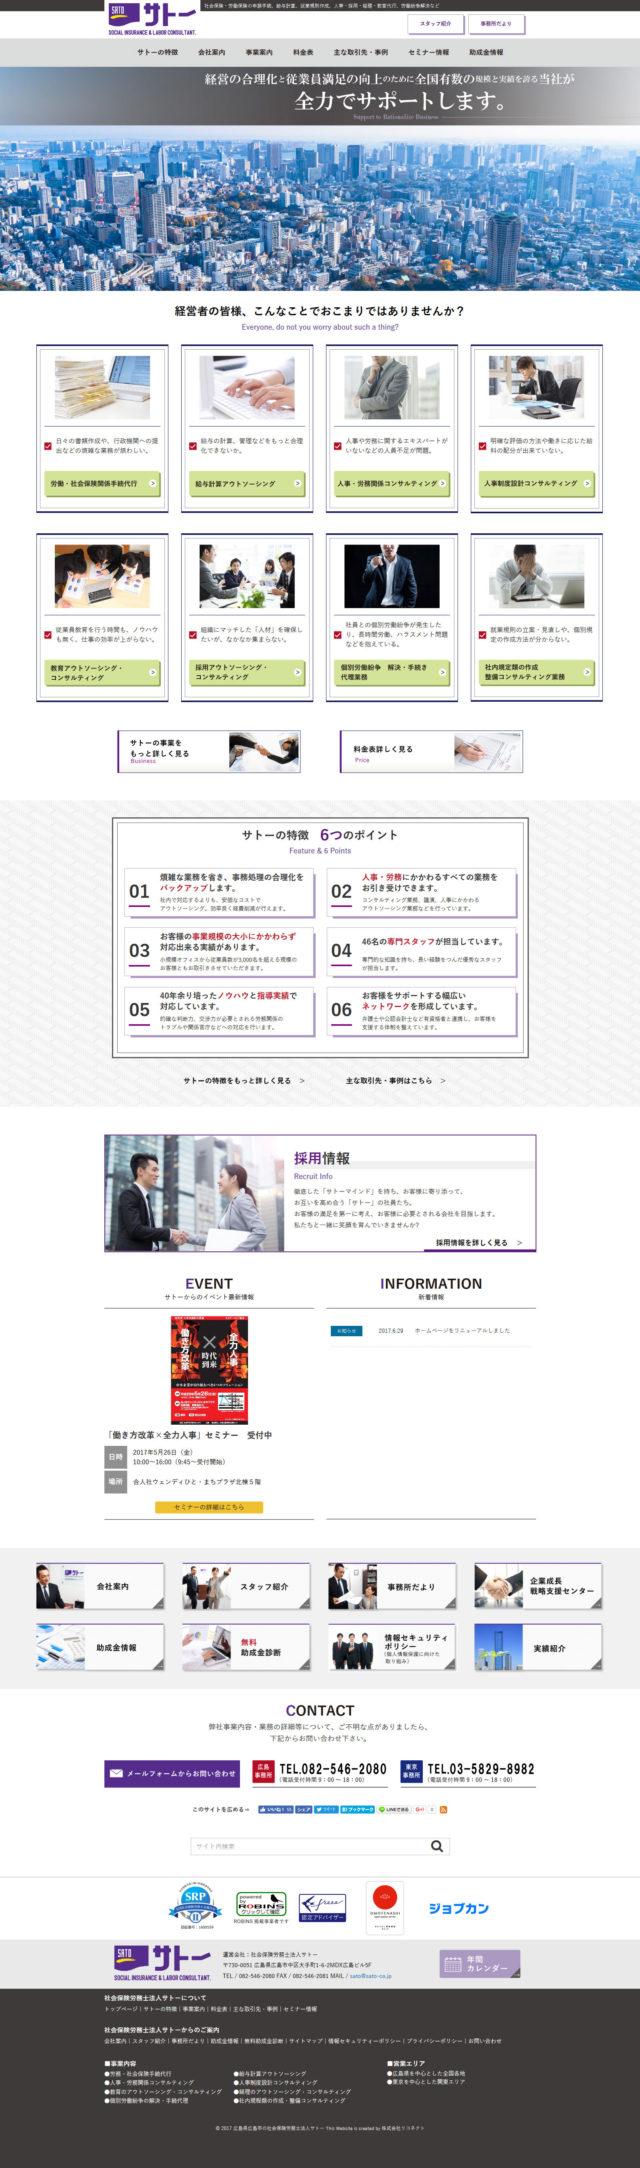 広島県広島市の各種保険申請・給与計算、人事・採用・教育代行などの社会保険労務士法人サトー 様